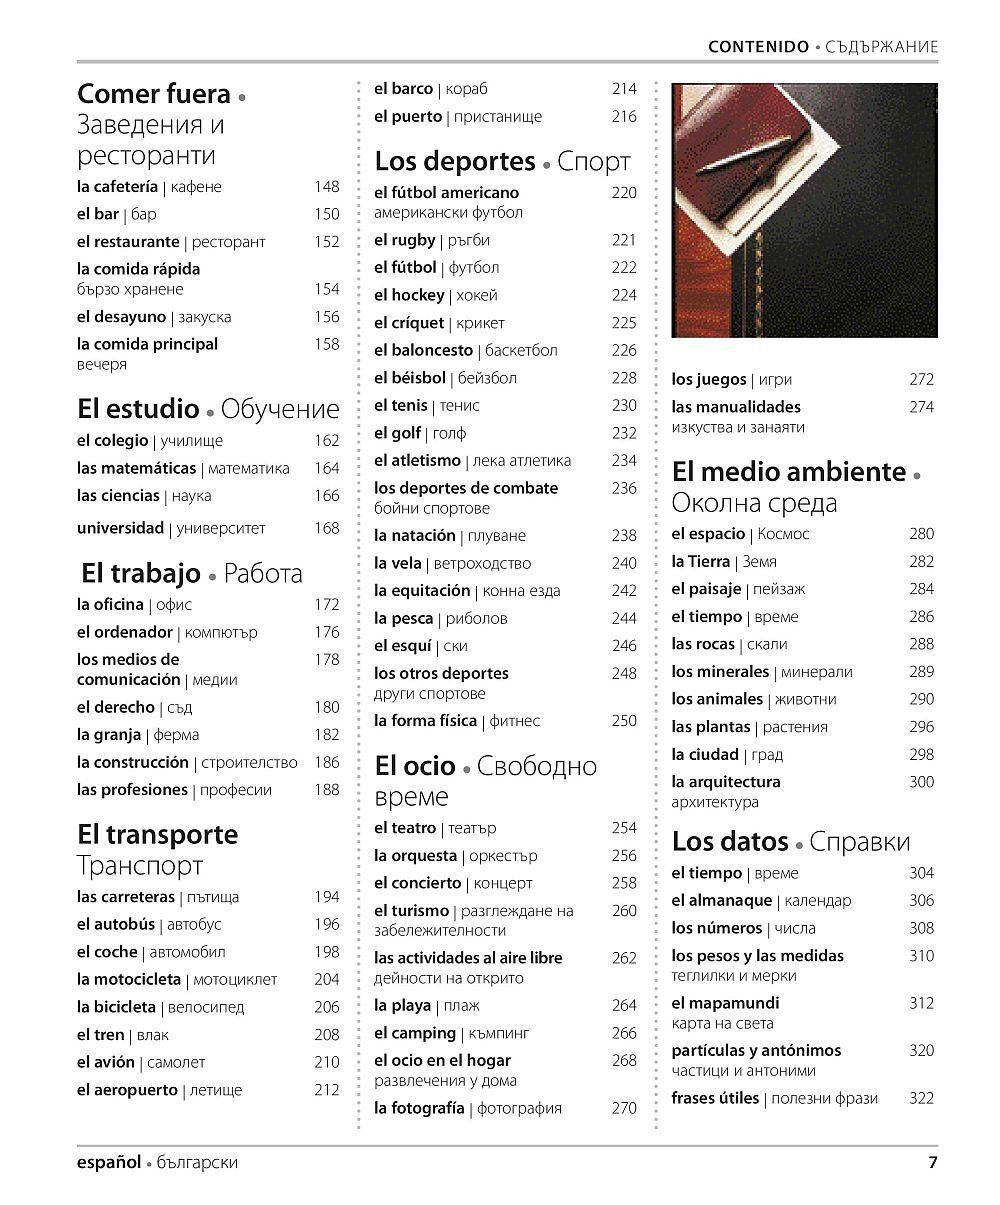 Испанско-български двуезичен картинен речник - 6